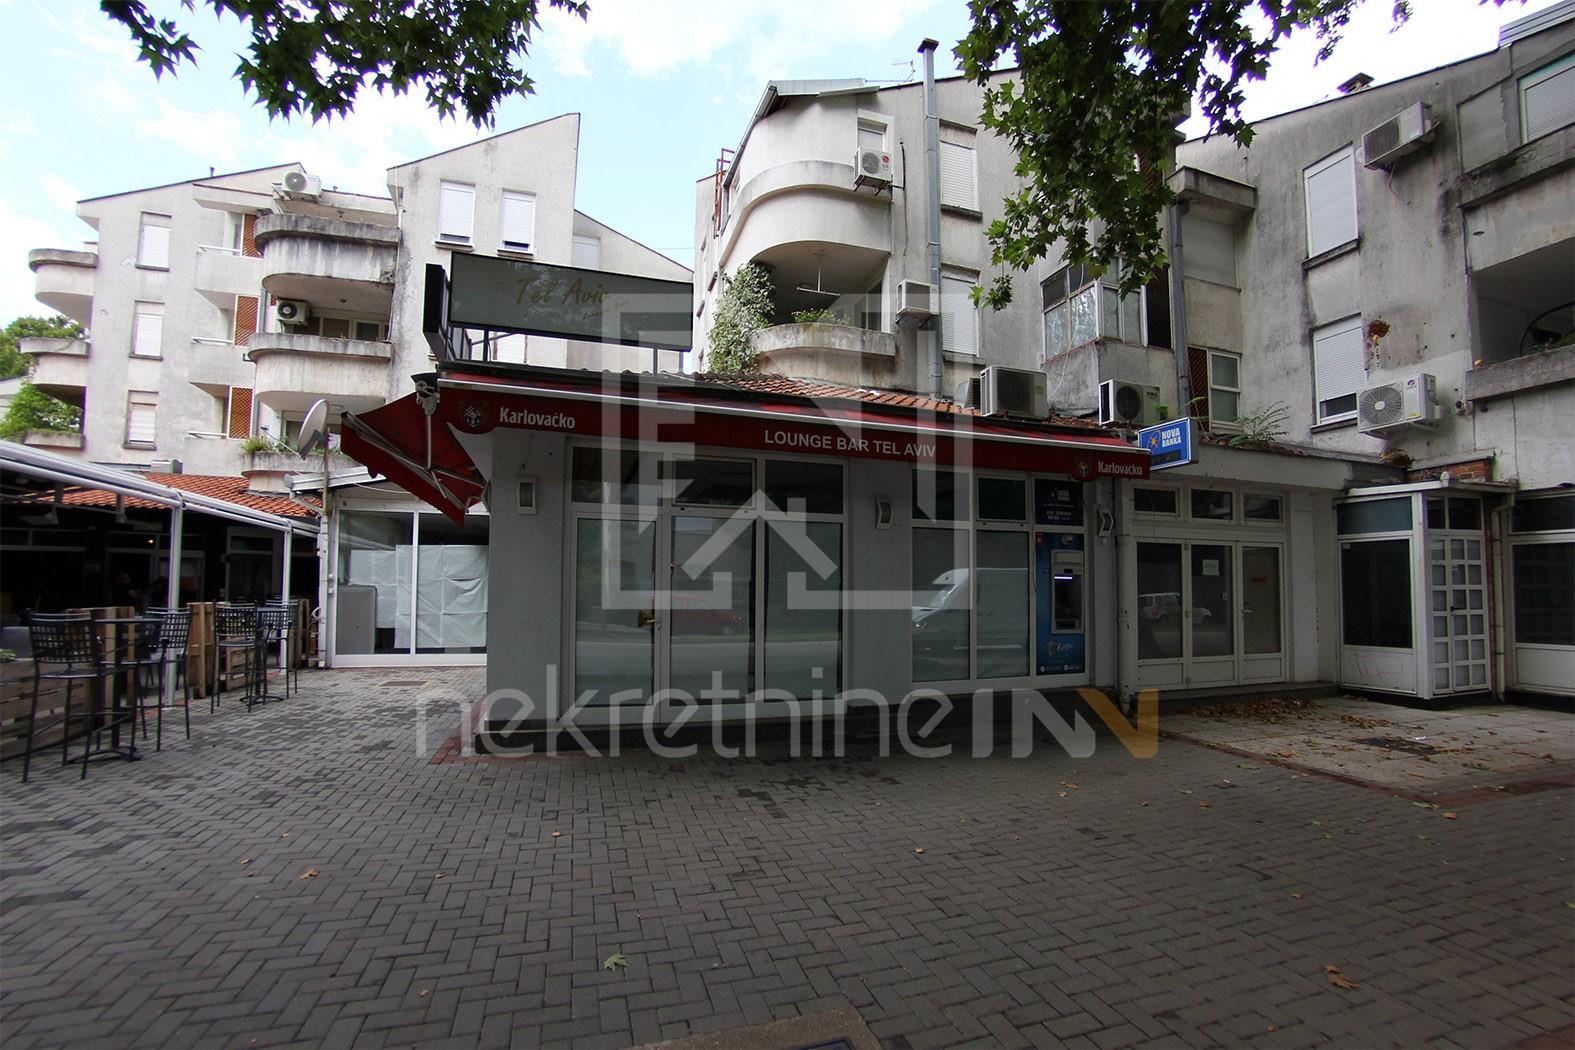 Poslovni prostor na Starom Veležovom u Mostaru